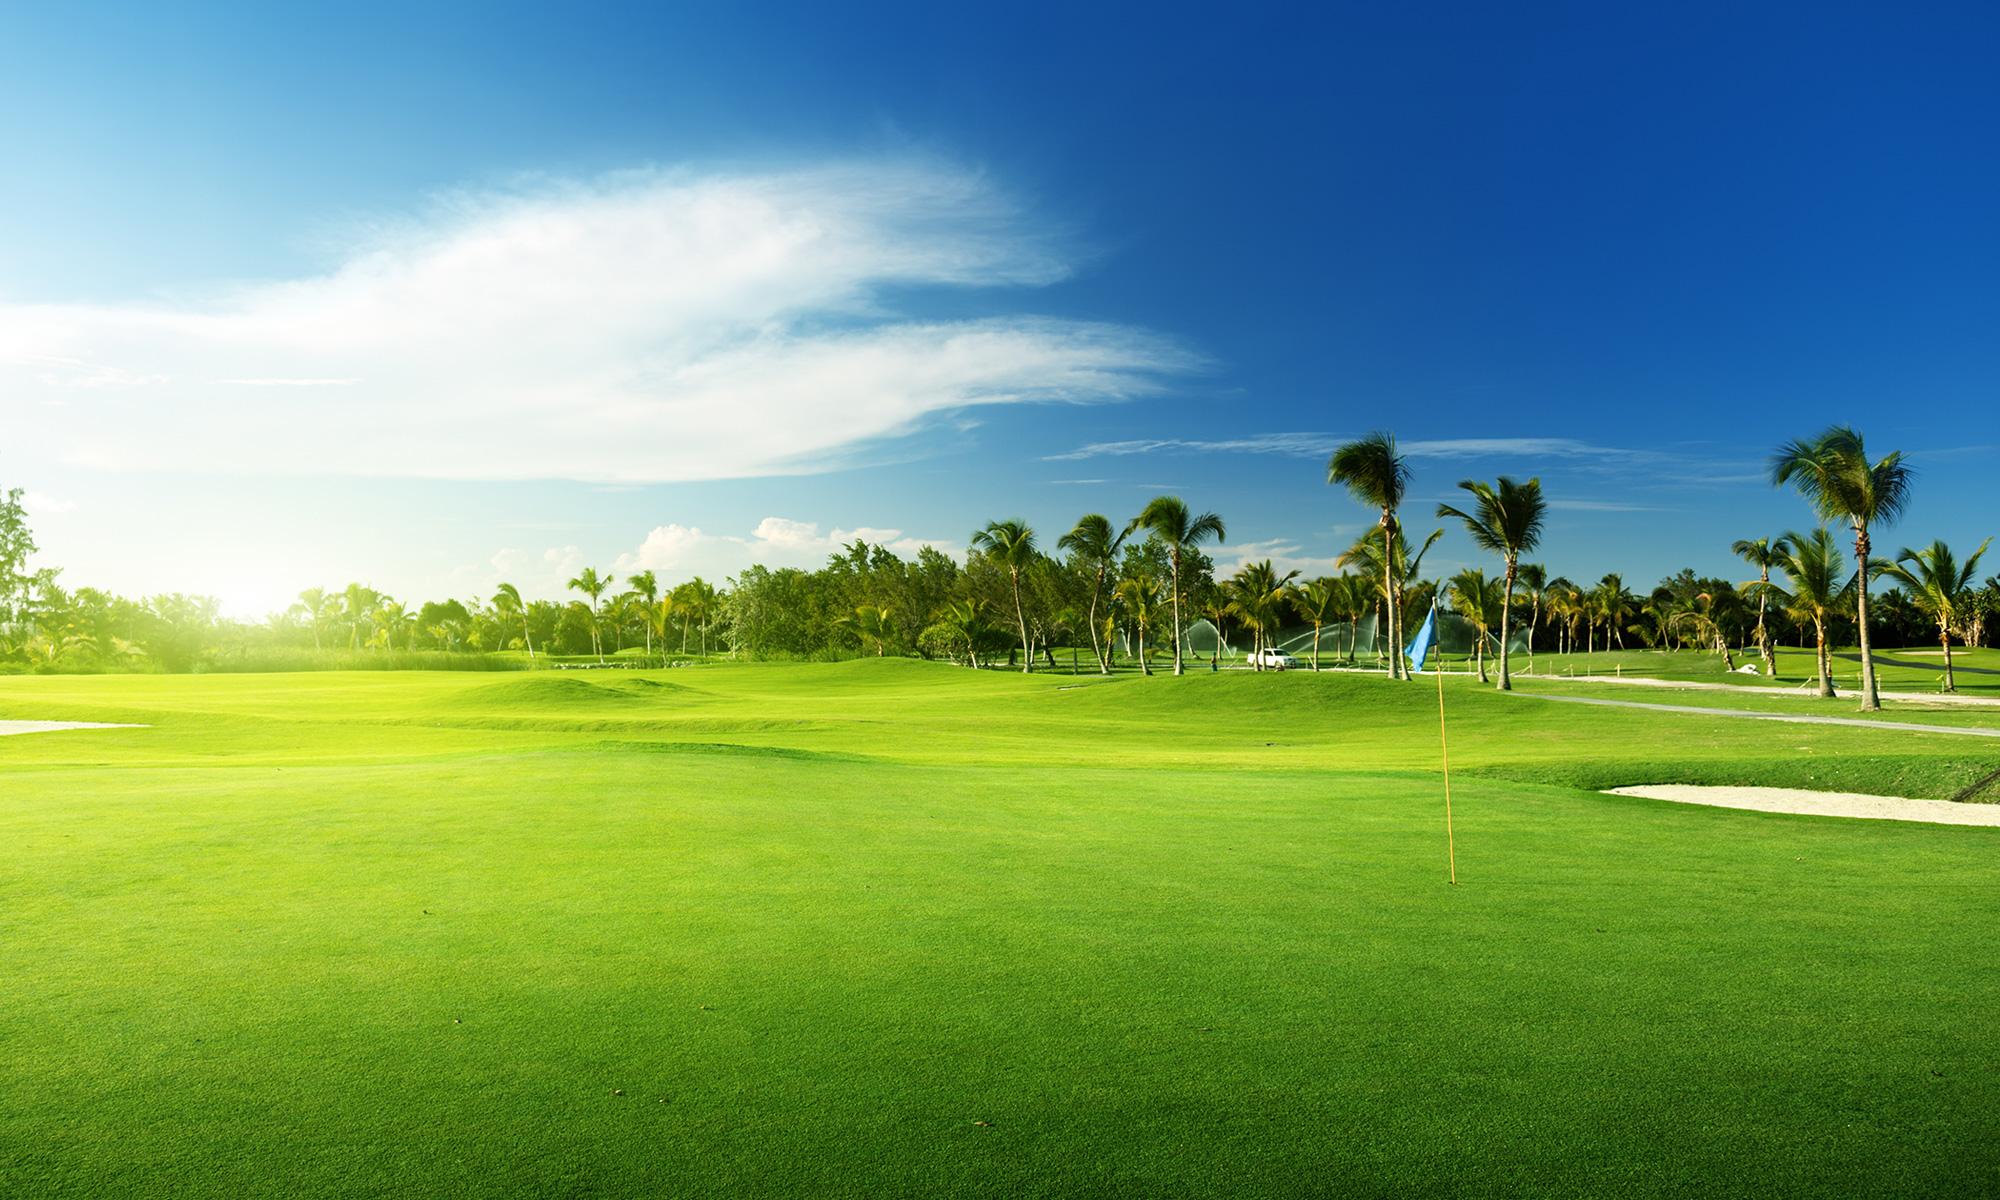 スクエアーゴルフクラブ 公式ブログ